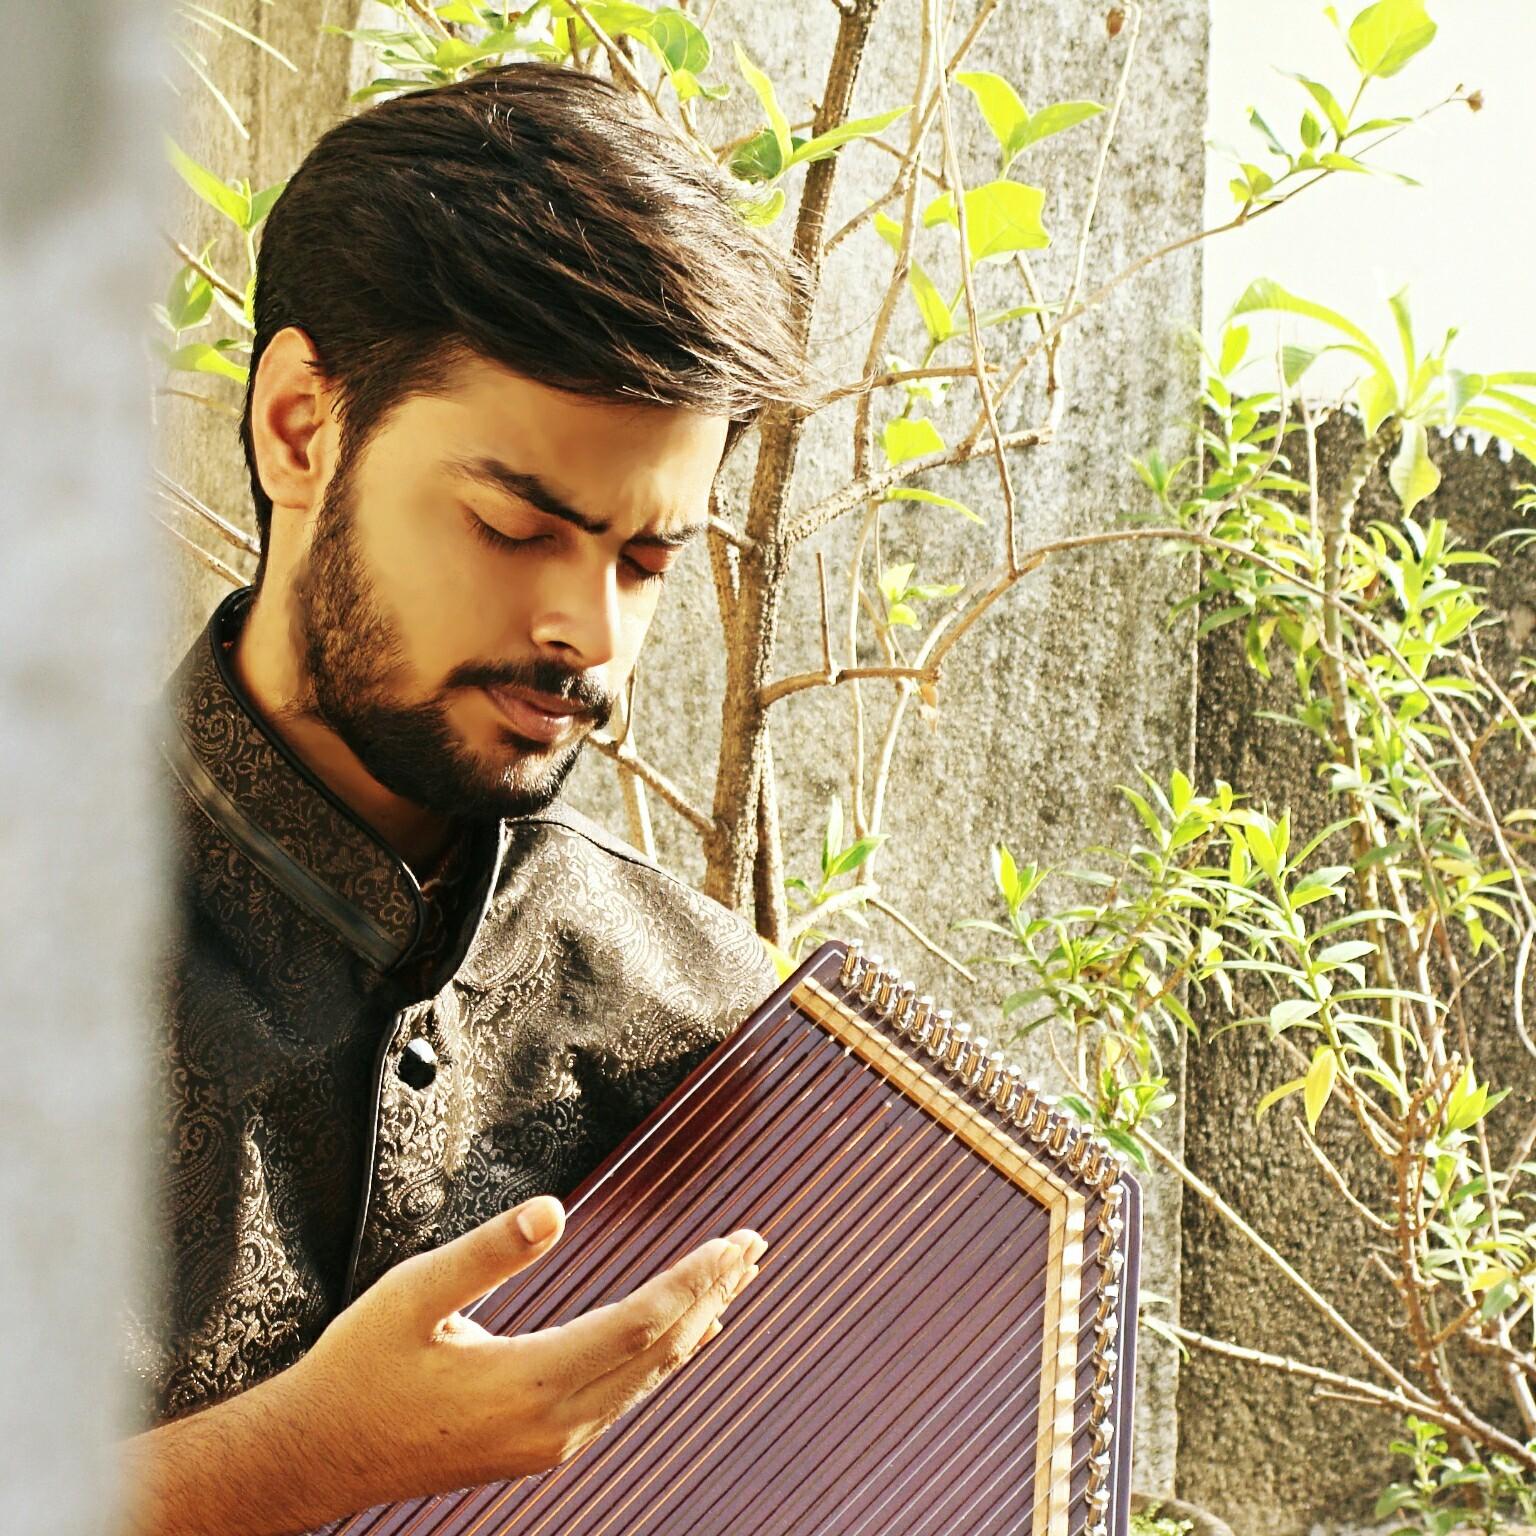 Naina Ki Jo Baat Mp3song: Pramith Ganguly Singer, Kolkata